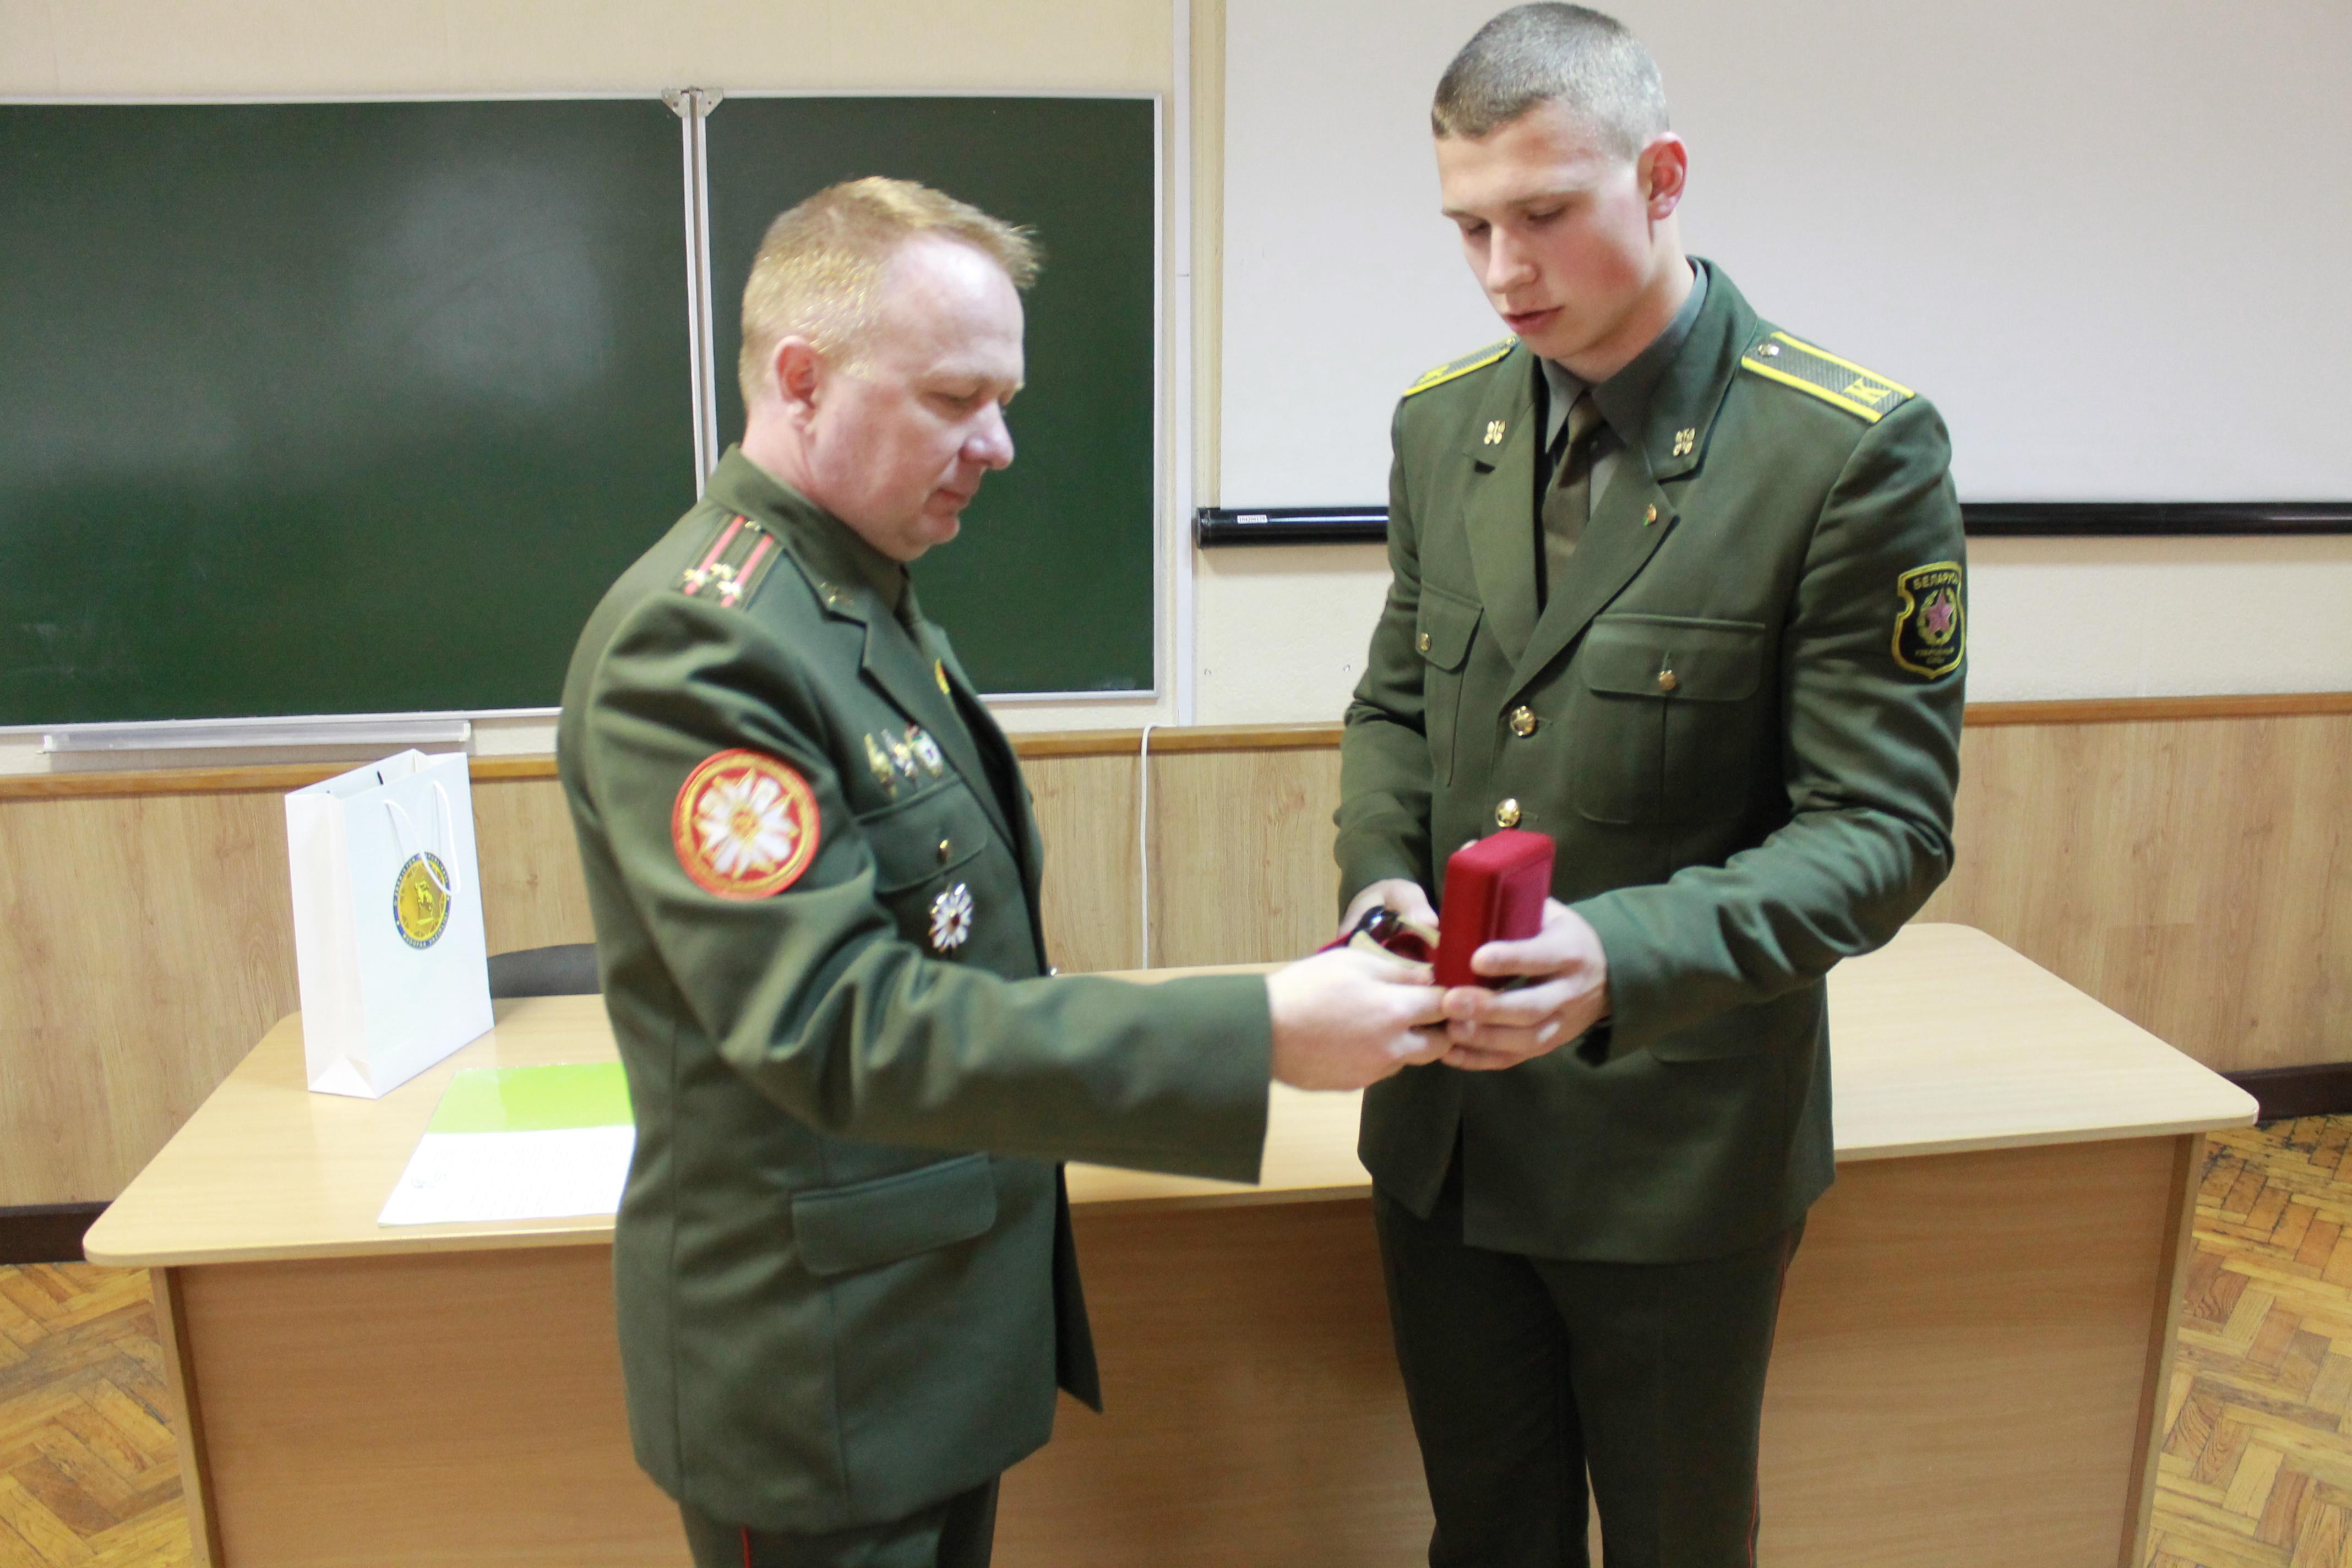 награждение полковником Игорем Слуцким рядового Кируту Максима Михайловича, курсанта 1-го курса батальона курсантов – в личном первенстве занявшего 2-е место в весовой свыше 90 кг